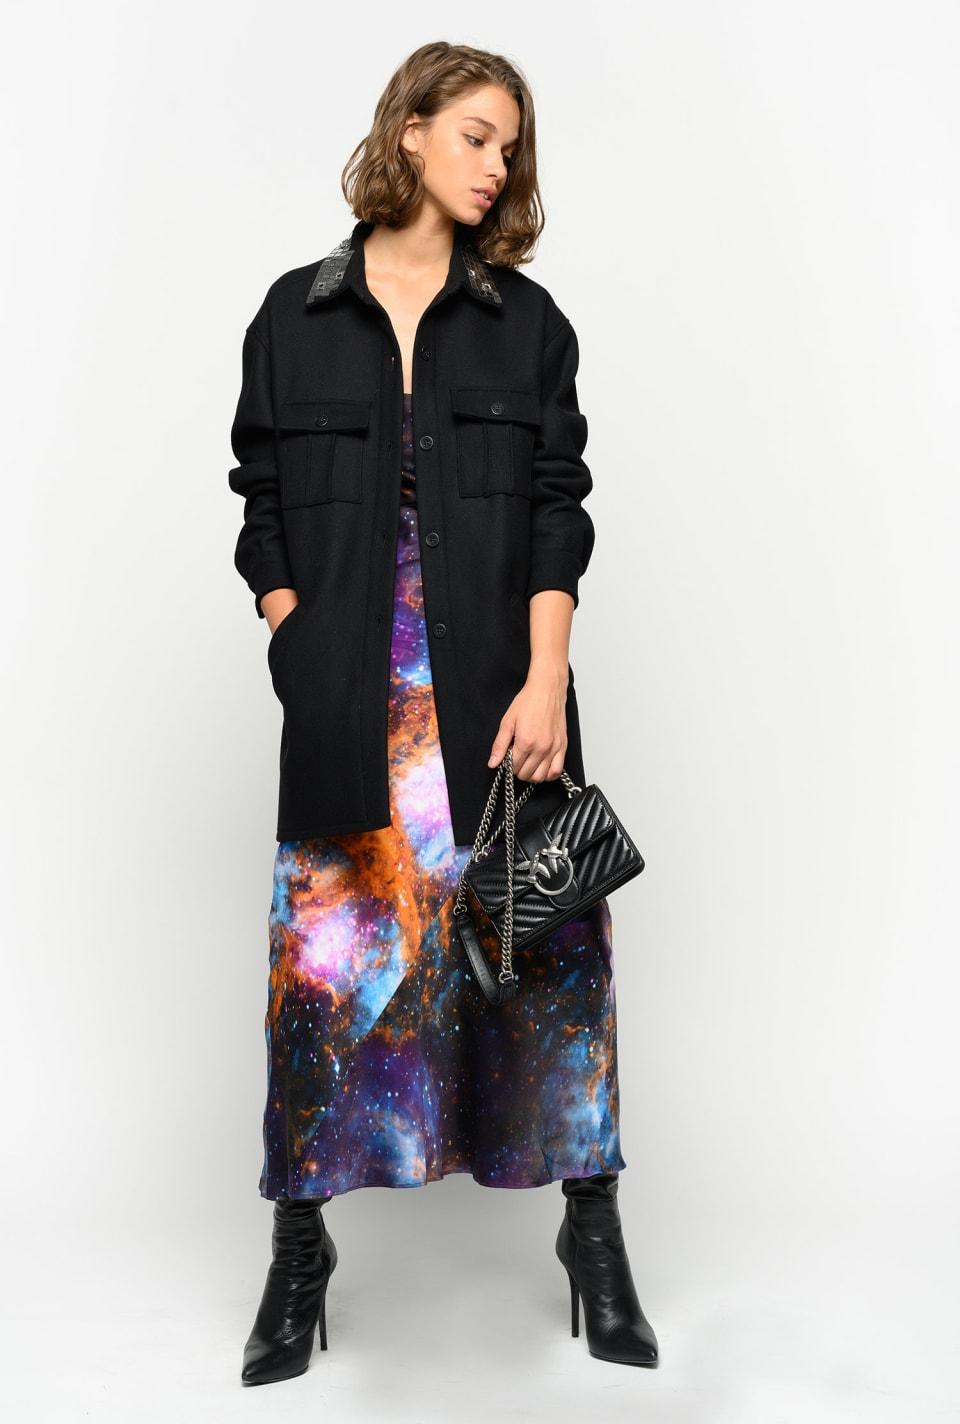 Galaxy-print dress